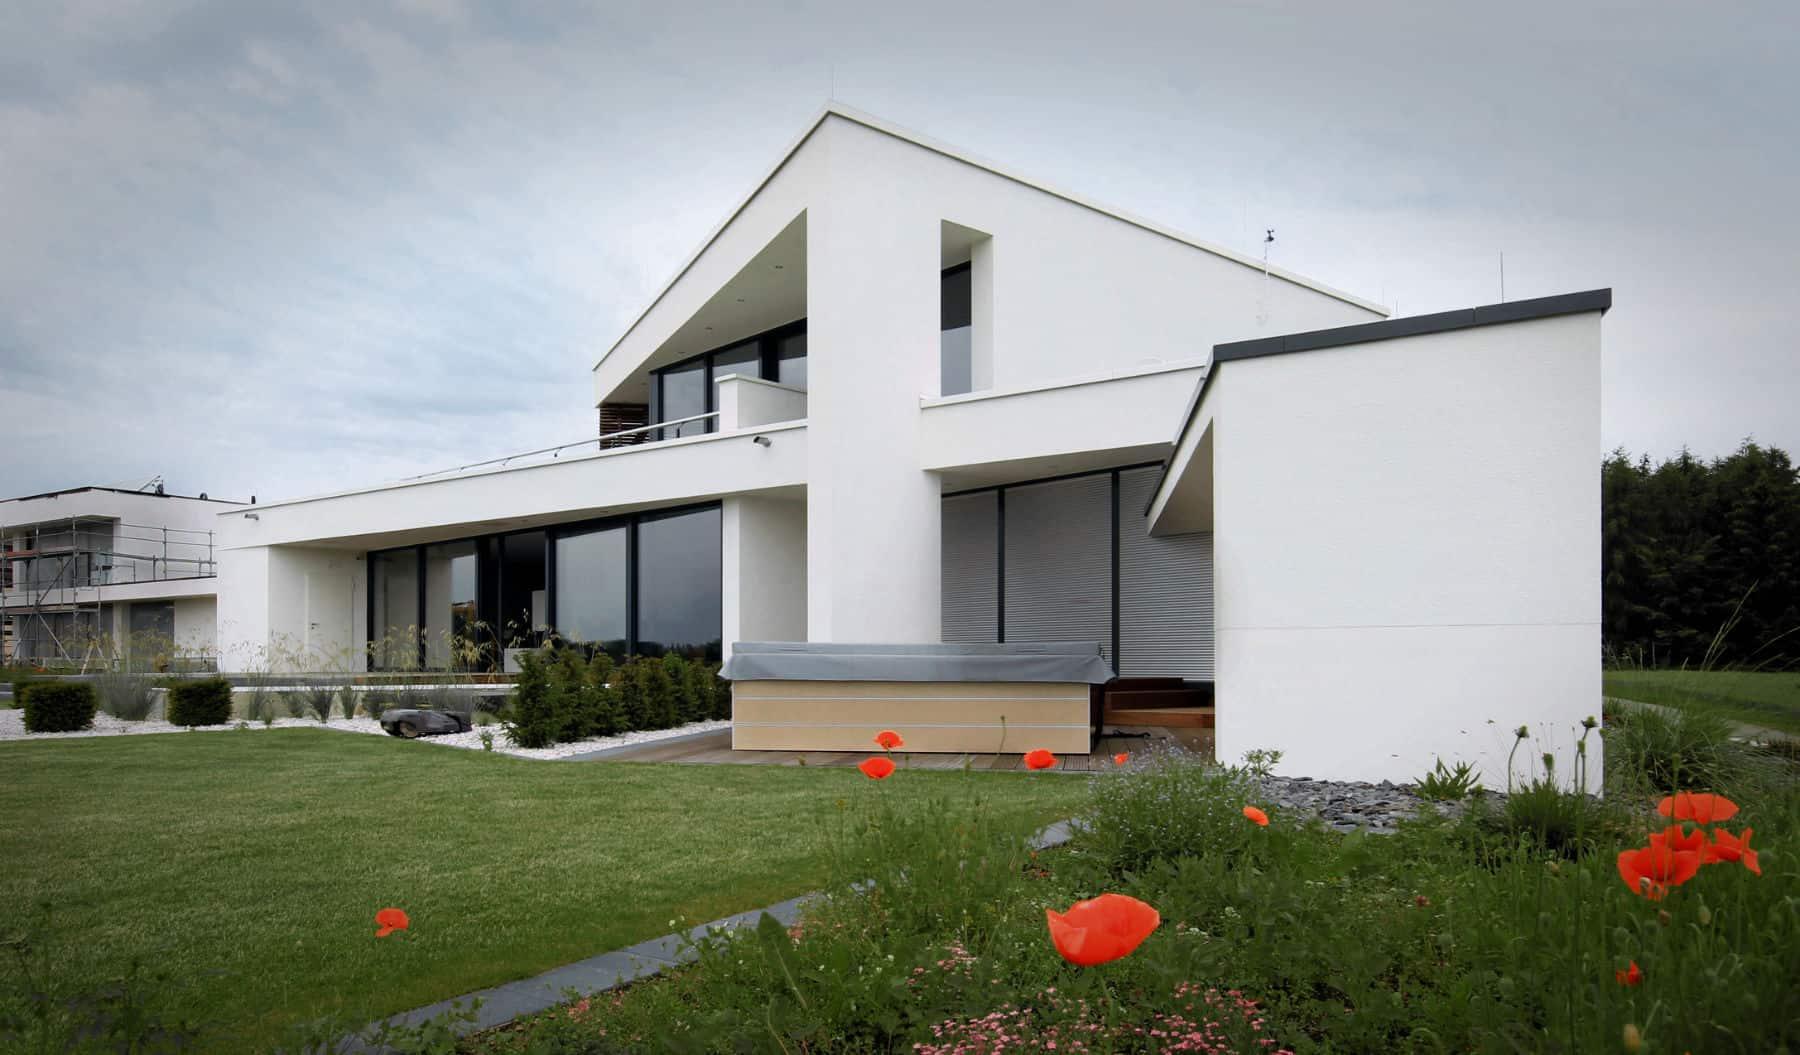 Ansprechend Flachdachhaus Foto Von Modernes